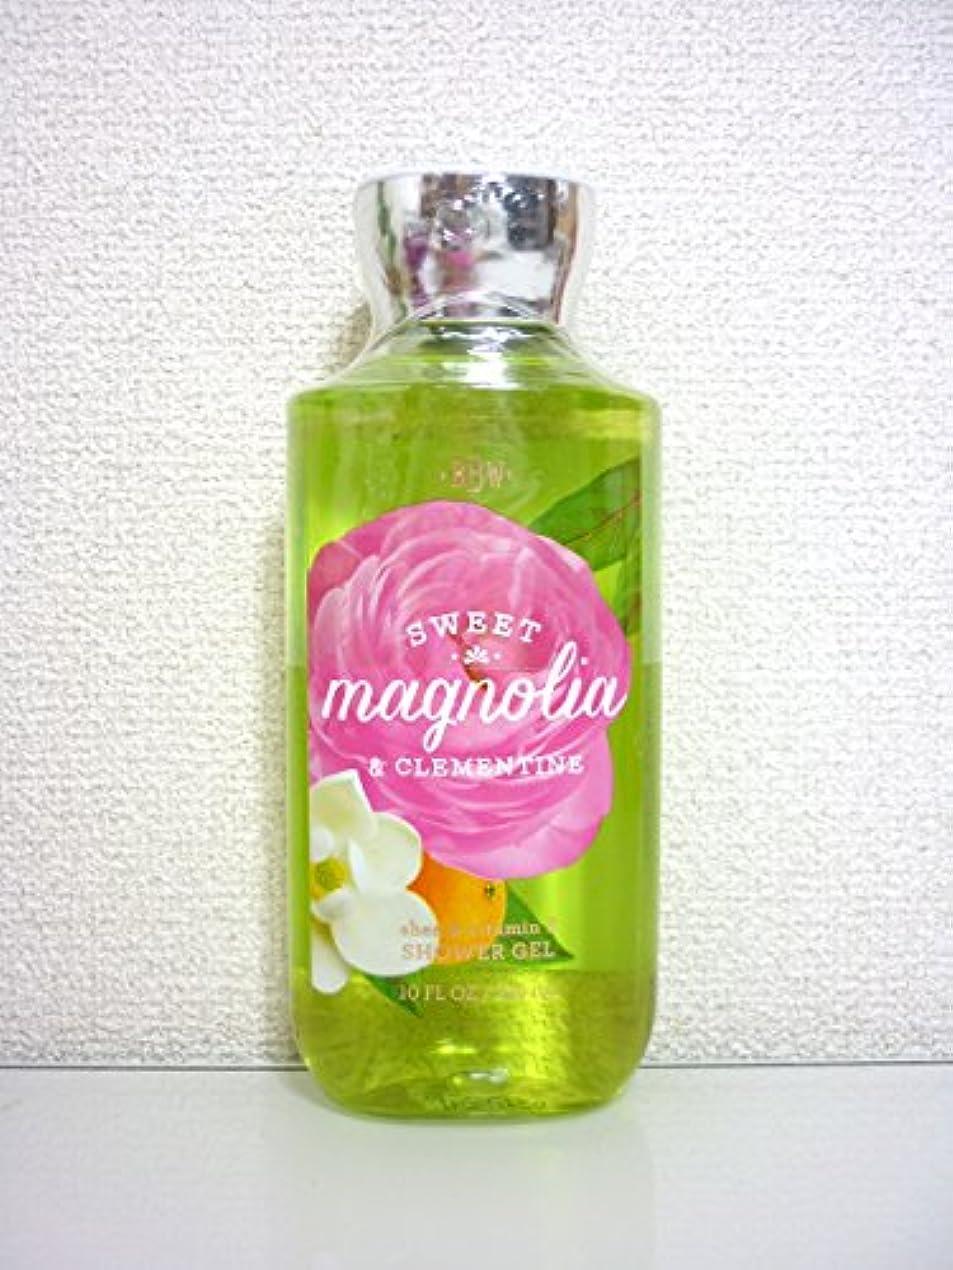 洗練されたにんじん余裕がある【Bath&Body Works/バス&ボディワークス】 シャワージェル スイートマグノリア&クレメンタイン Shower Gel Sweet Magnolia & Clementine 10 fl oz / 295 mL...